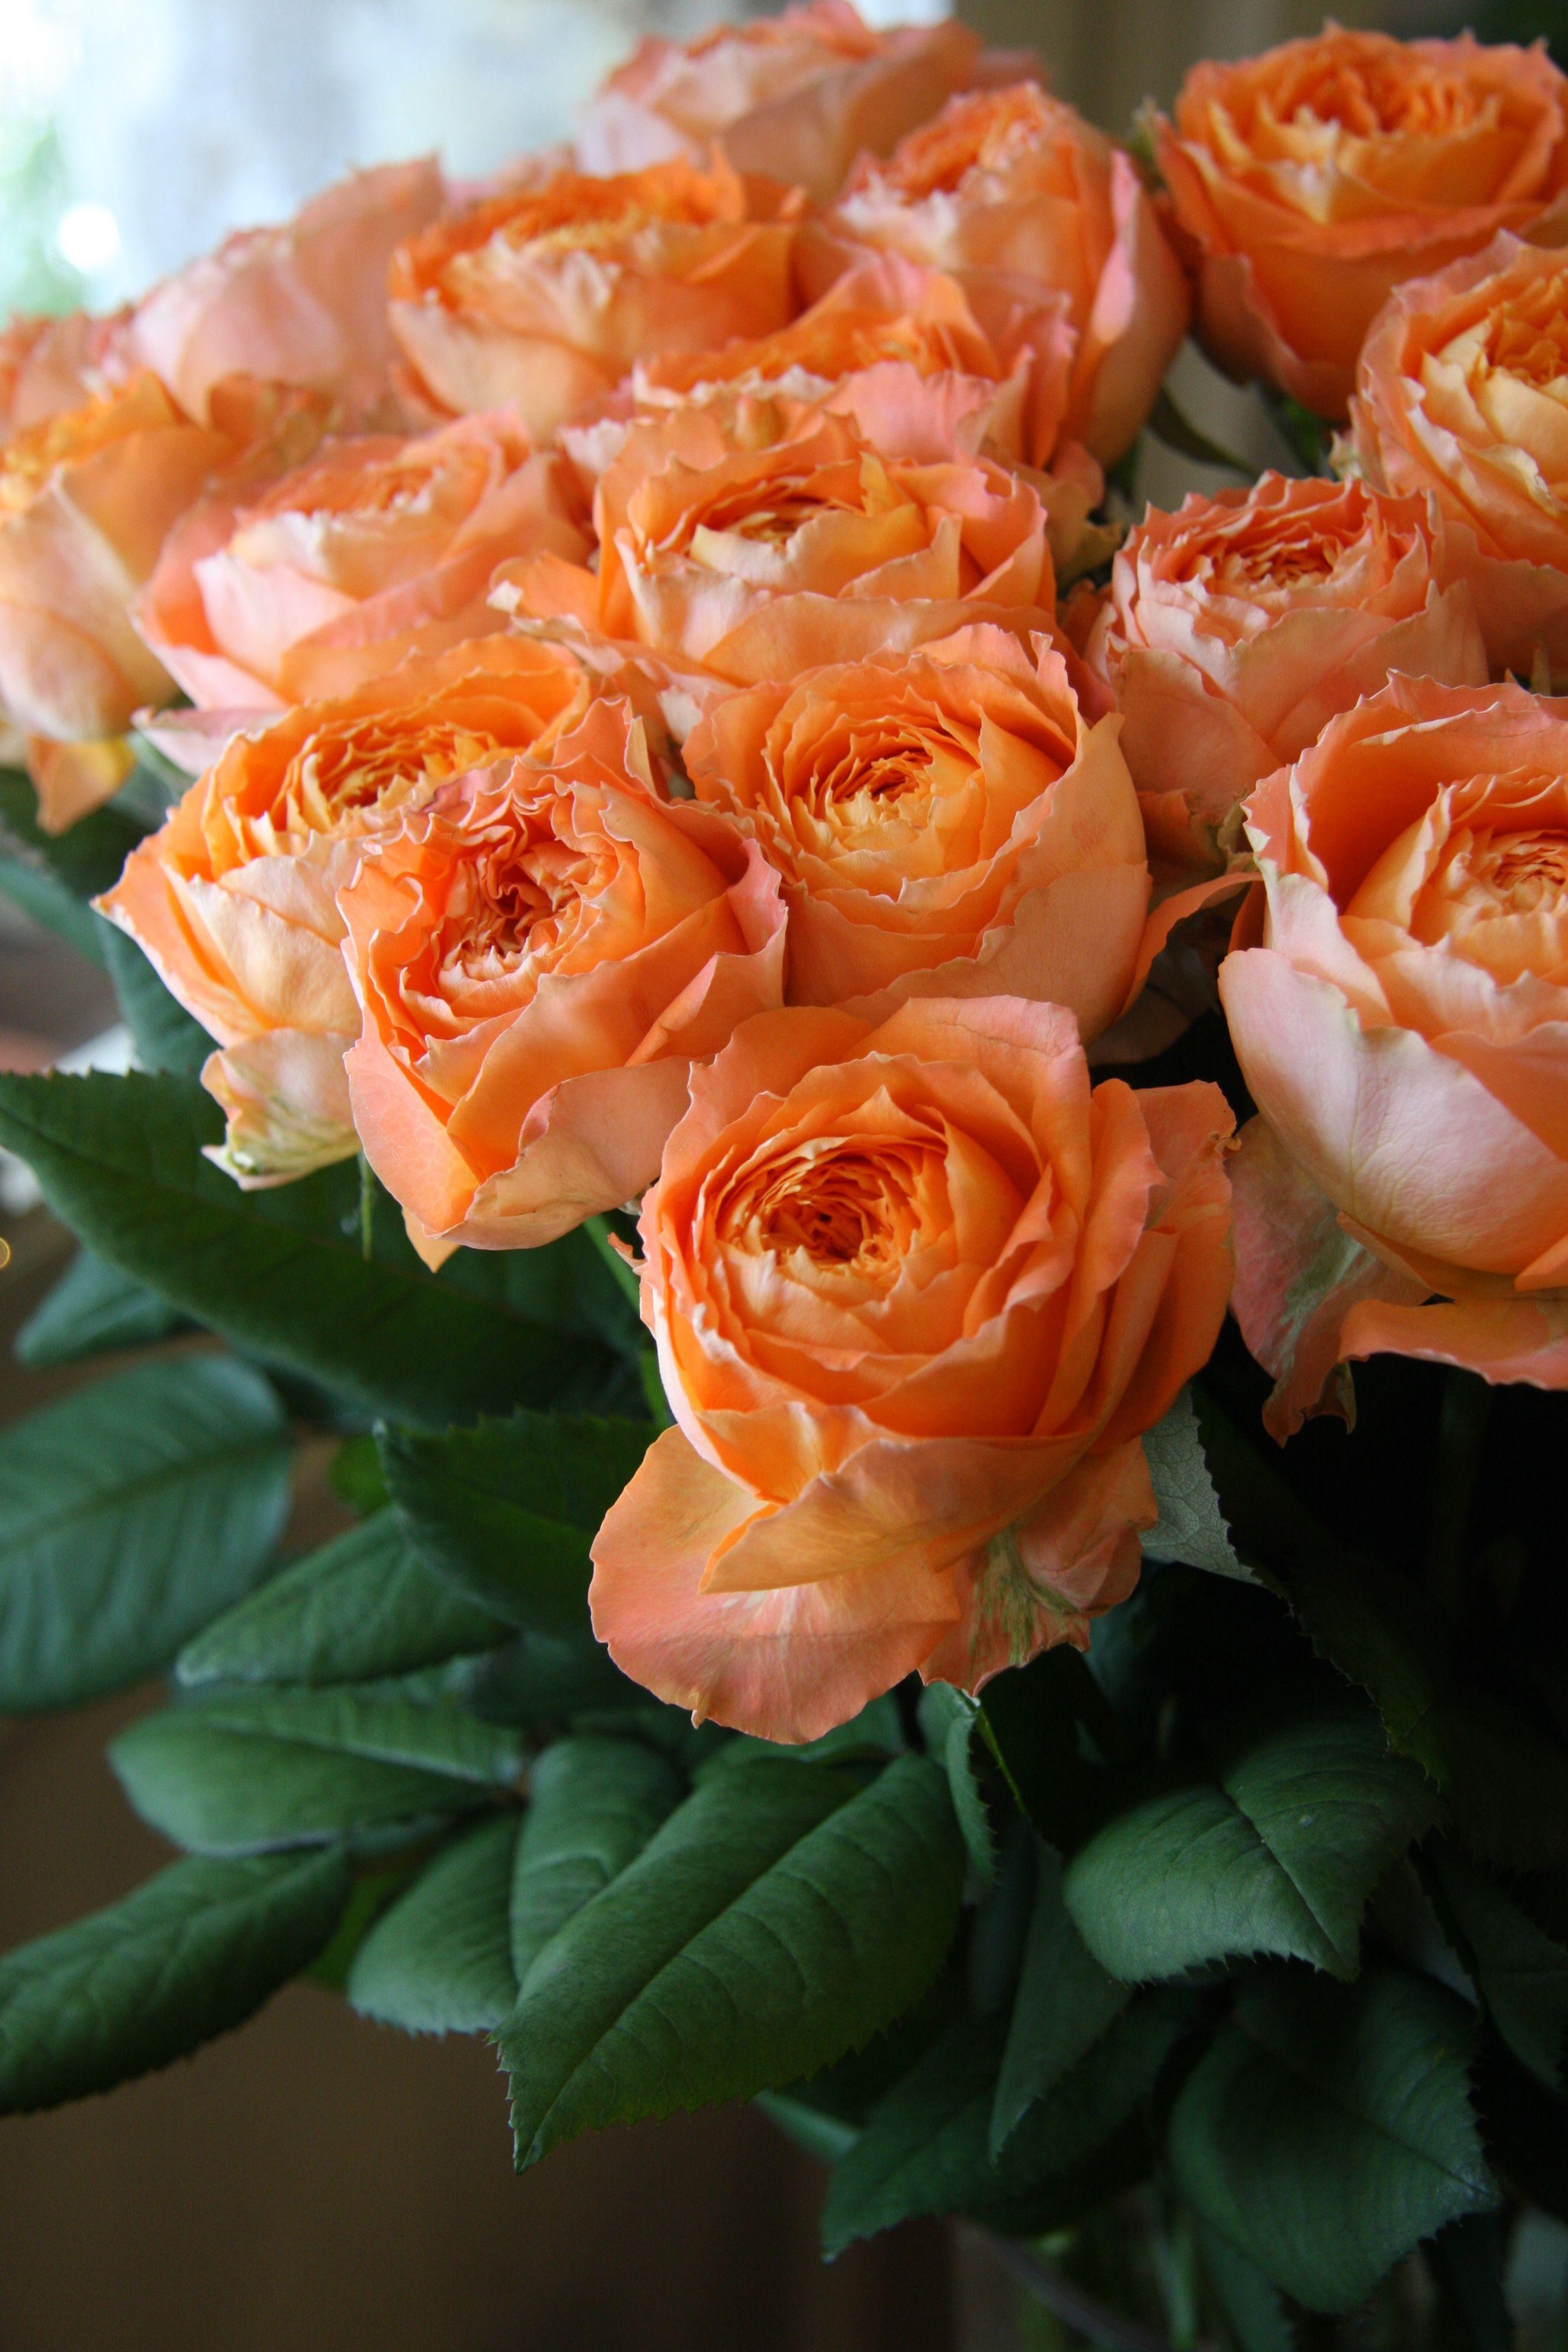 Rose Orange Romantica Roses From Meilland Series Bibit Bunga Hibiscus Bicolor Striped